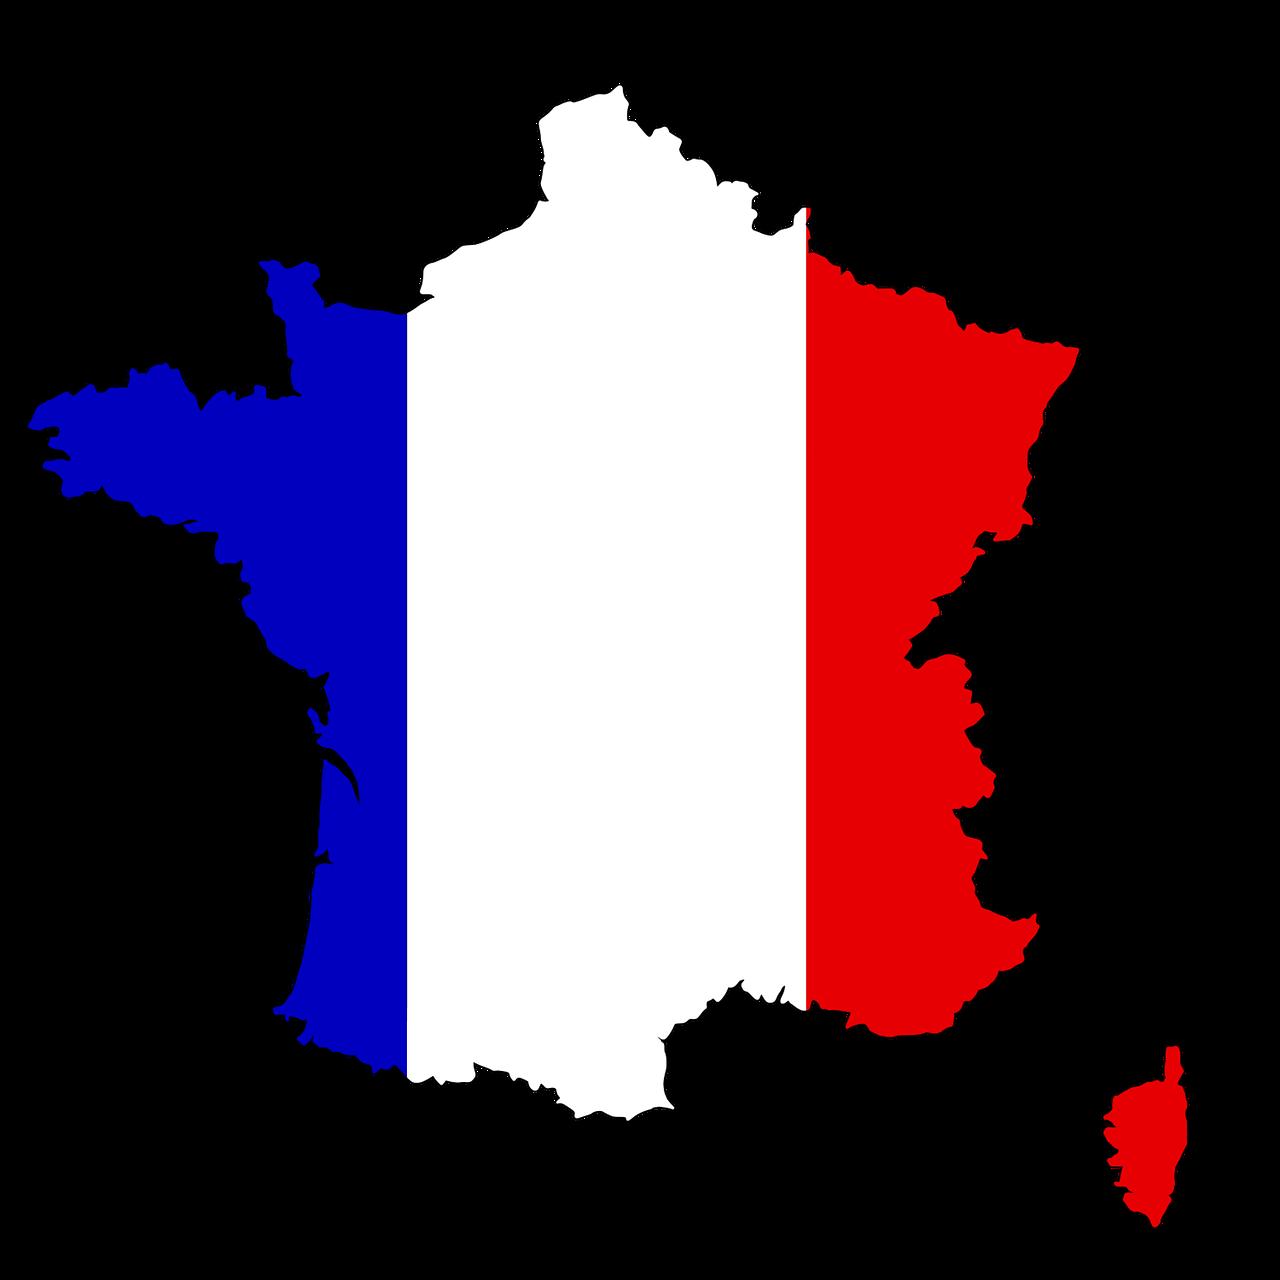 France France Corsica Map Flag Land France France Corsica Map Flag Land France Flag France Map Flag Vector